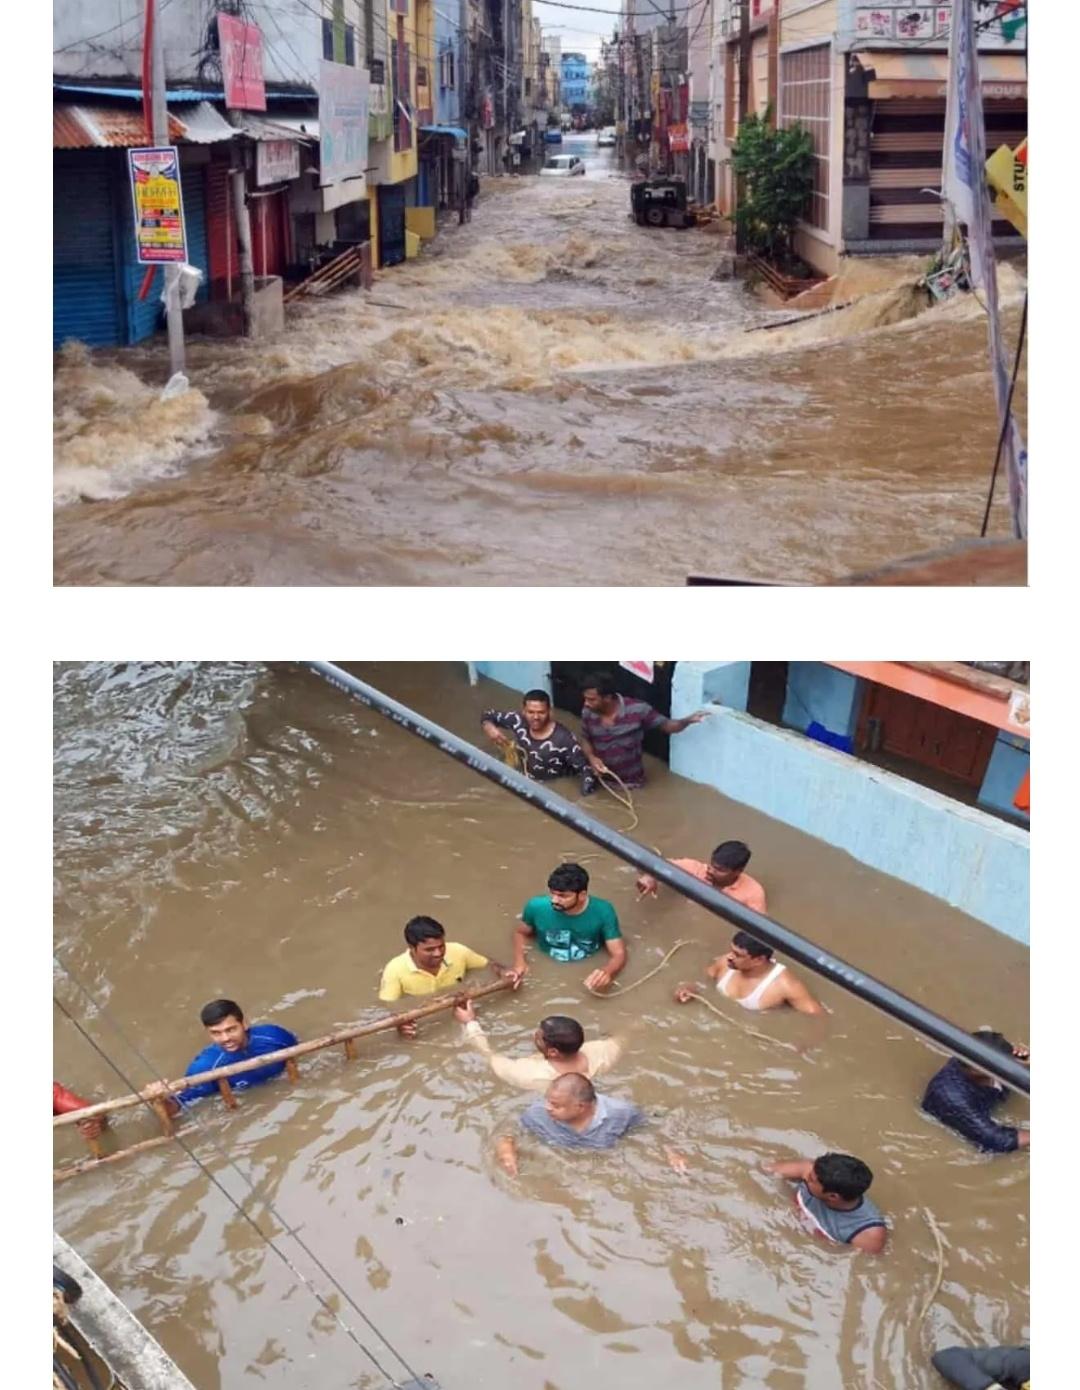 हैदराबाद: कई एनजीओ बाढ़ प्रभावित इलाकों में लोगों को मदद पहुचा रहे हैं! 1